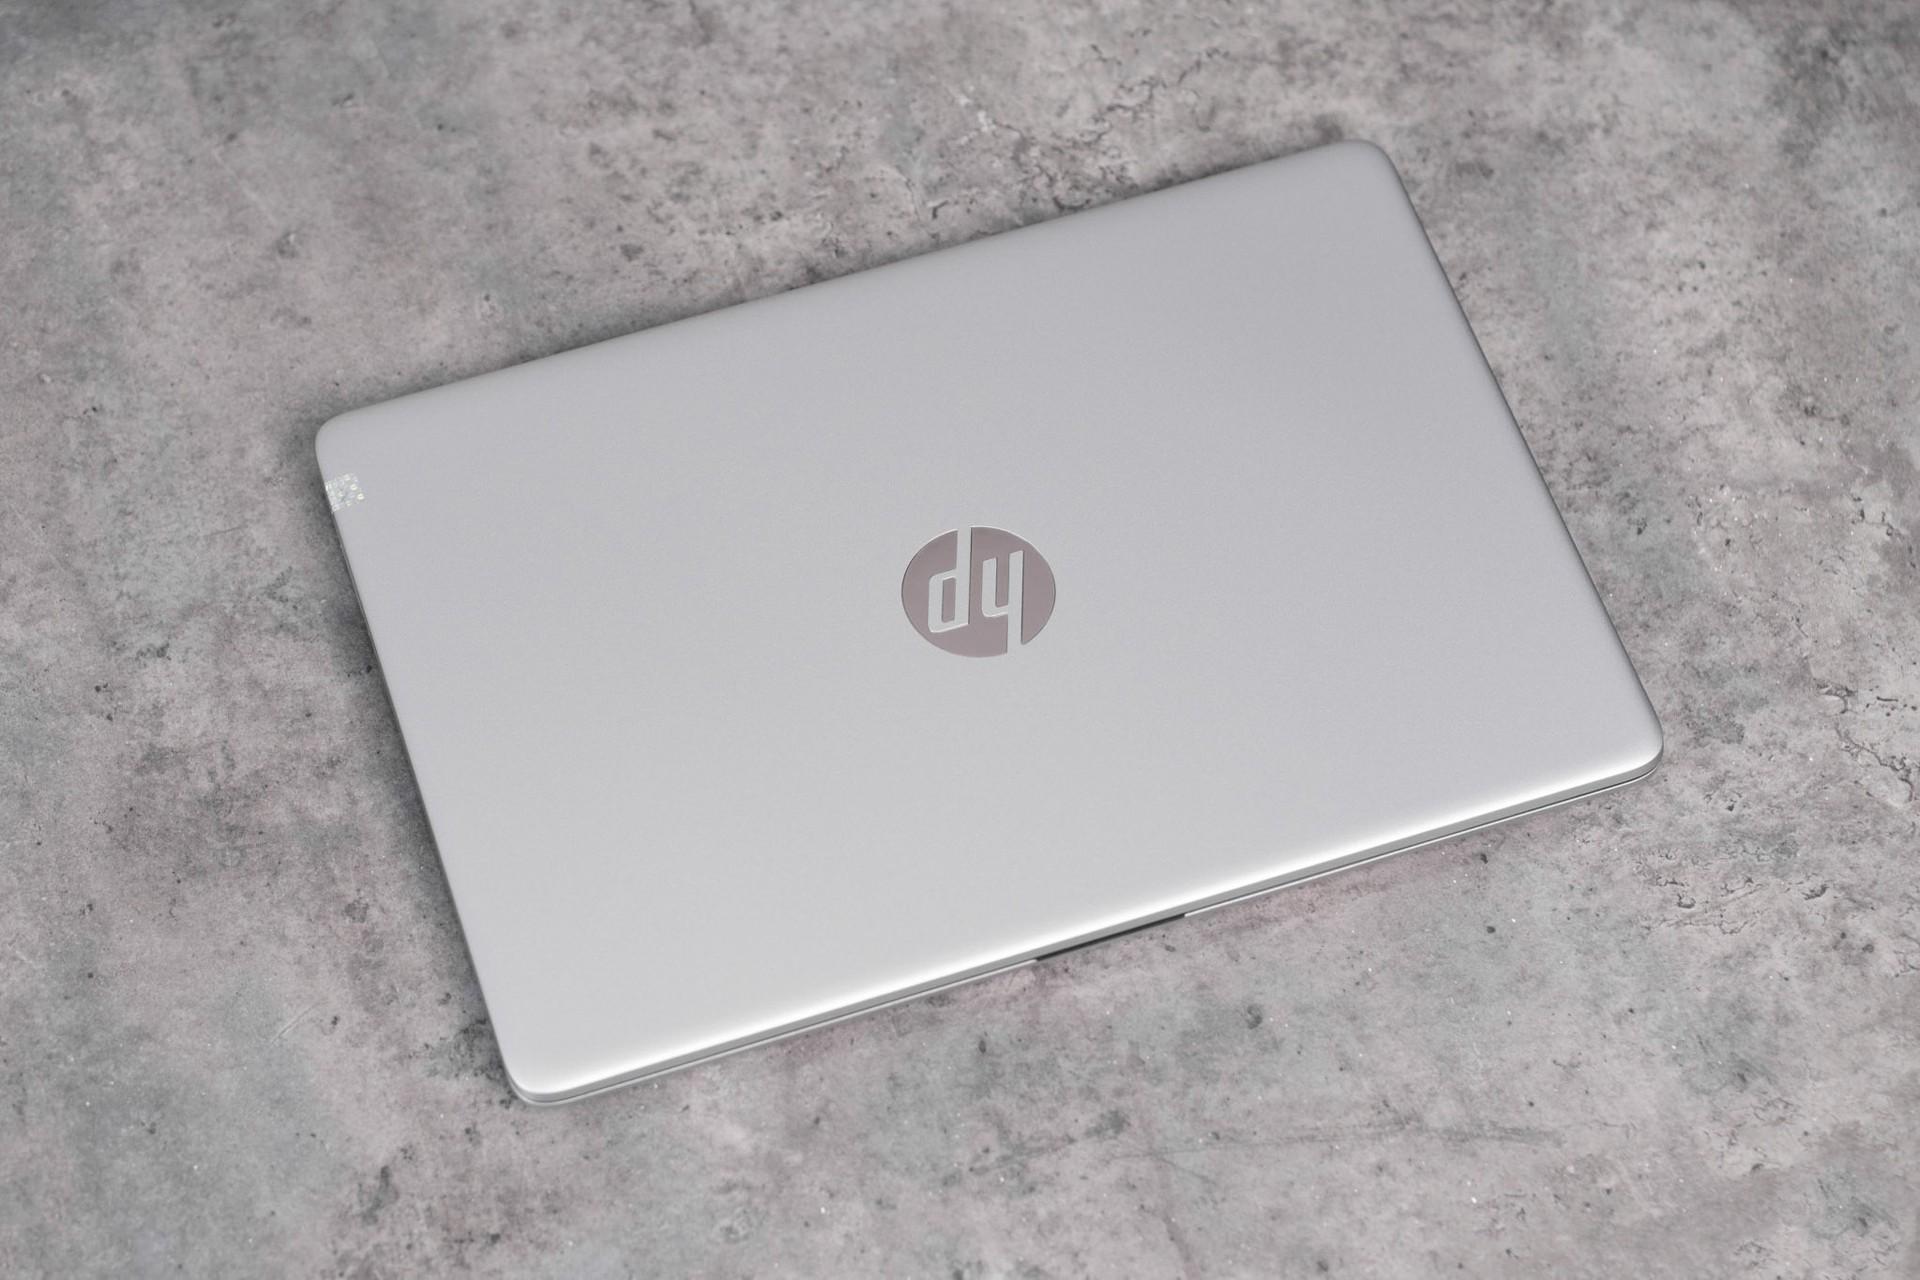 laptop-hp-340s-g7-359c3pa-i5-1035g1-8gb-512gb-ssd-14fhd-vga-on-dos-grey